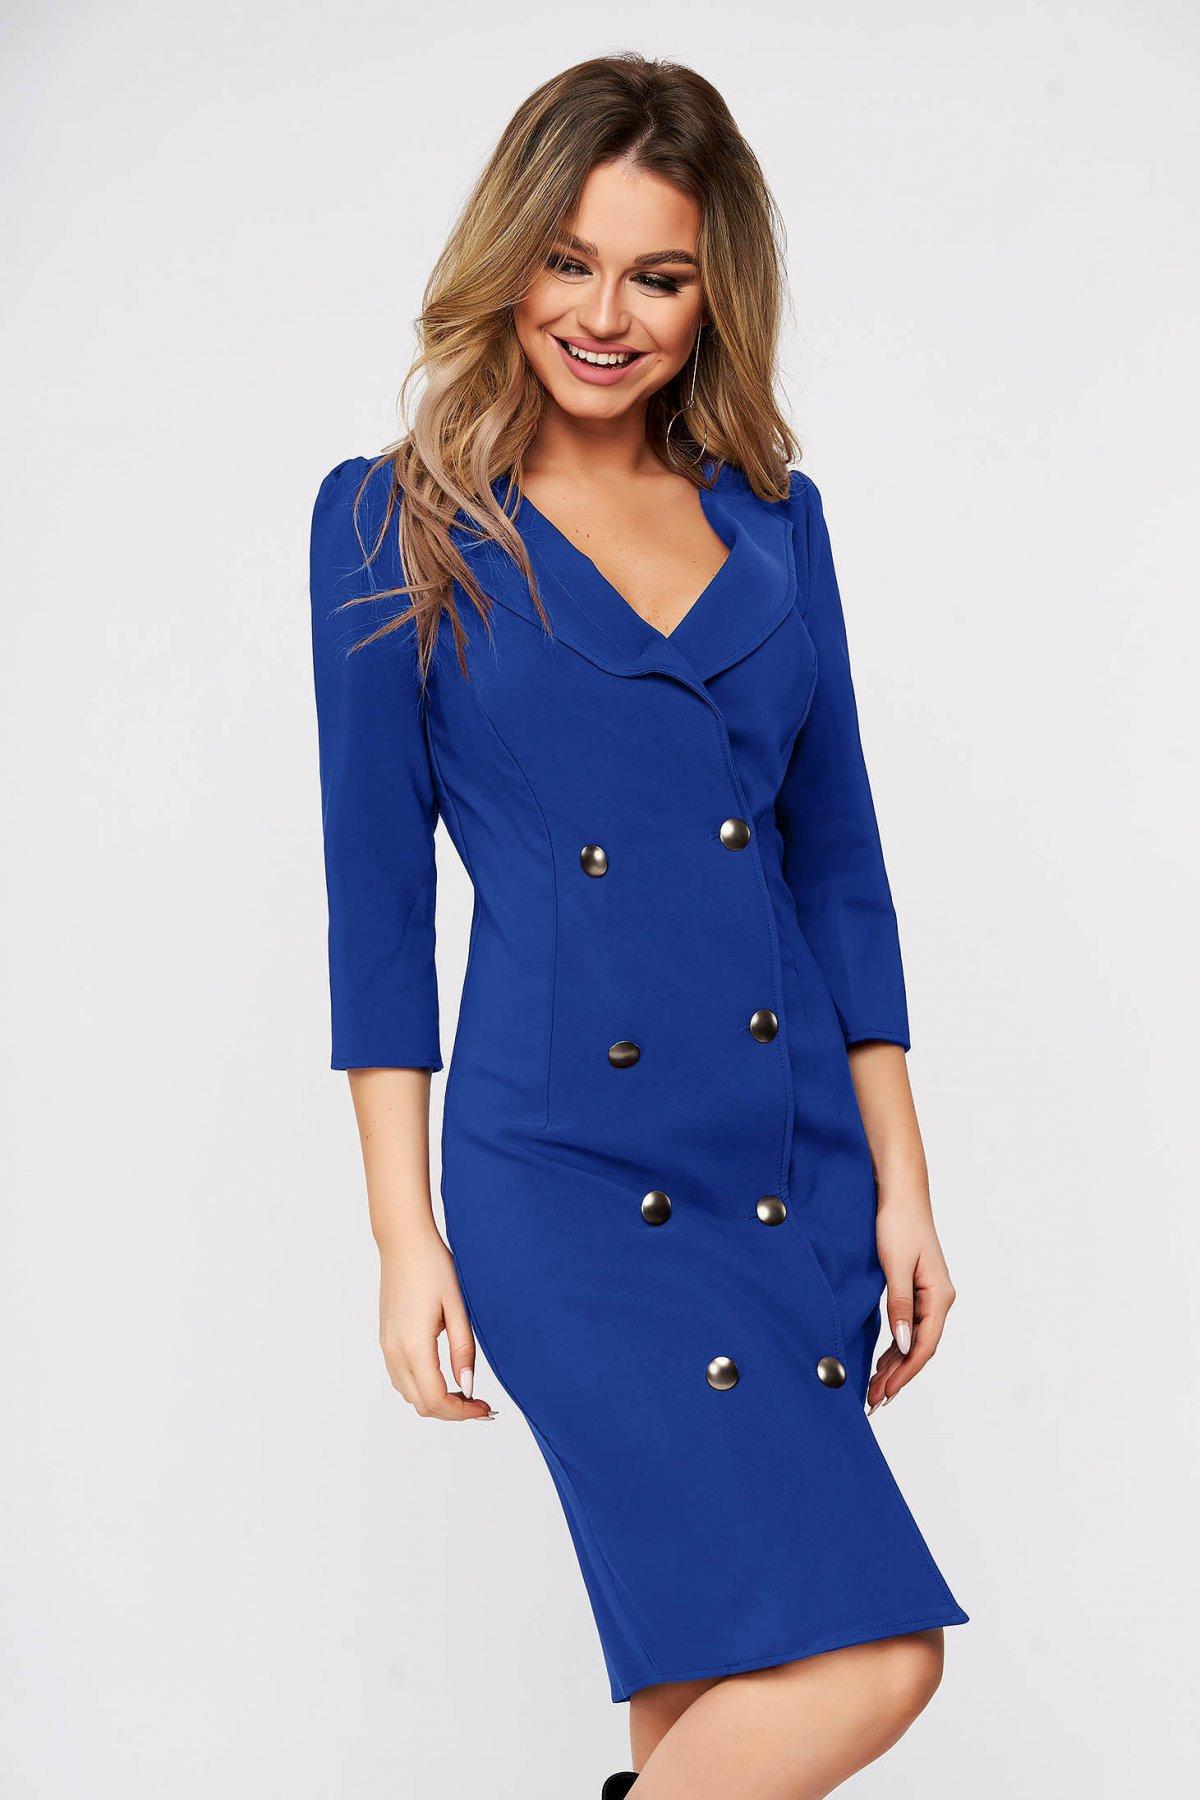 Rochie Artista albastra eleganta petrecuta tip sacou din stofa usor elastica accesorizata cu nasturi Artista